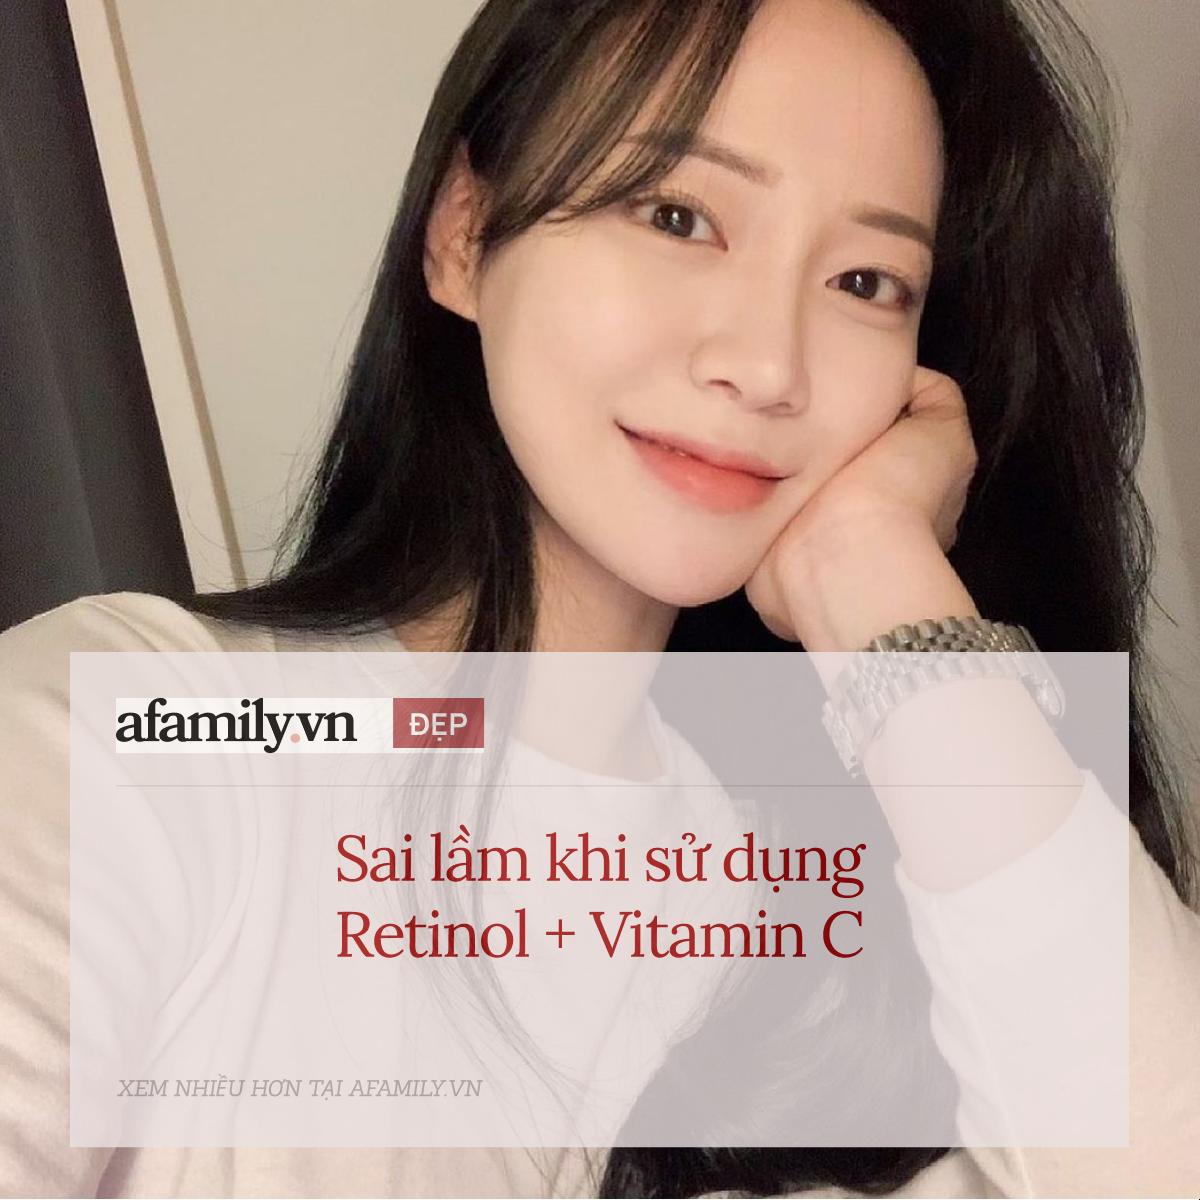 5 sai lầm khi sử dụng retinol và vitamin C khiến da sạm nám và lão hóa không phanh - Ảnh 2.